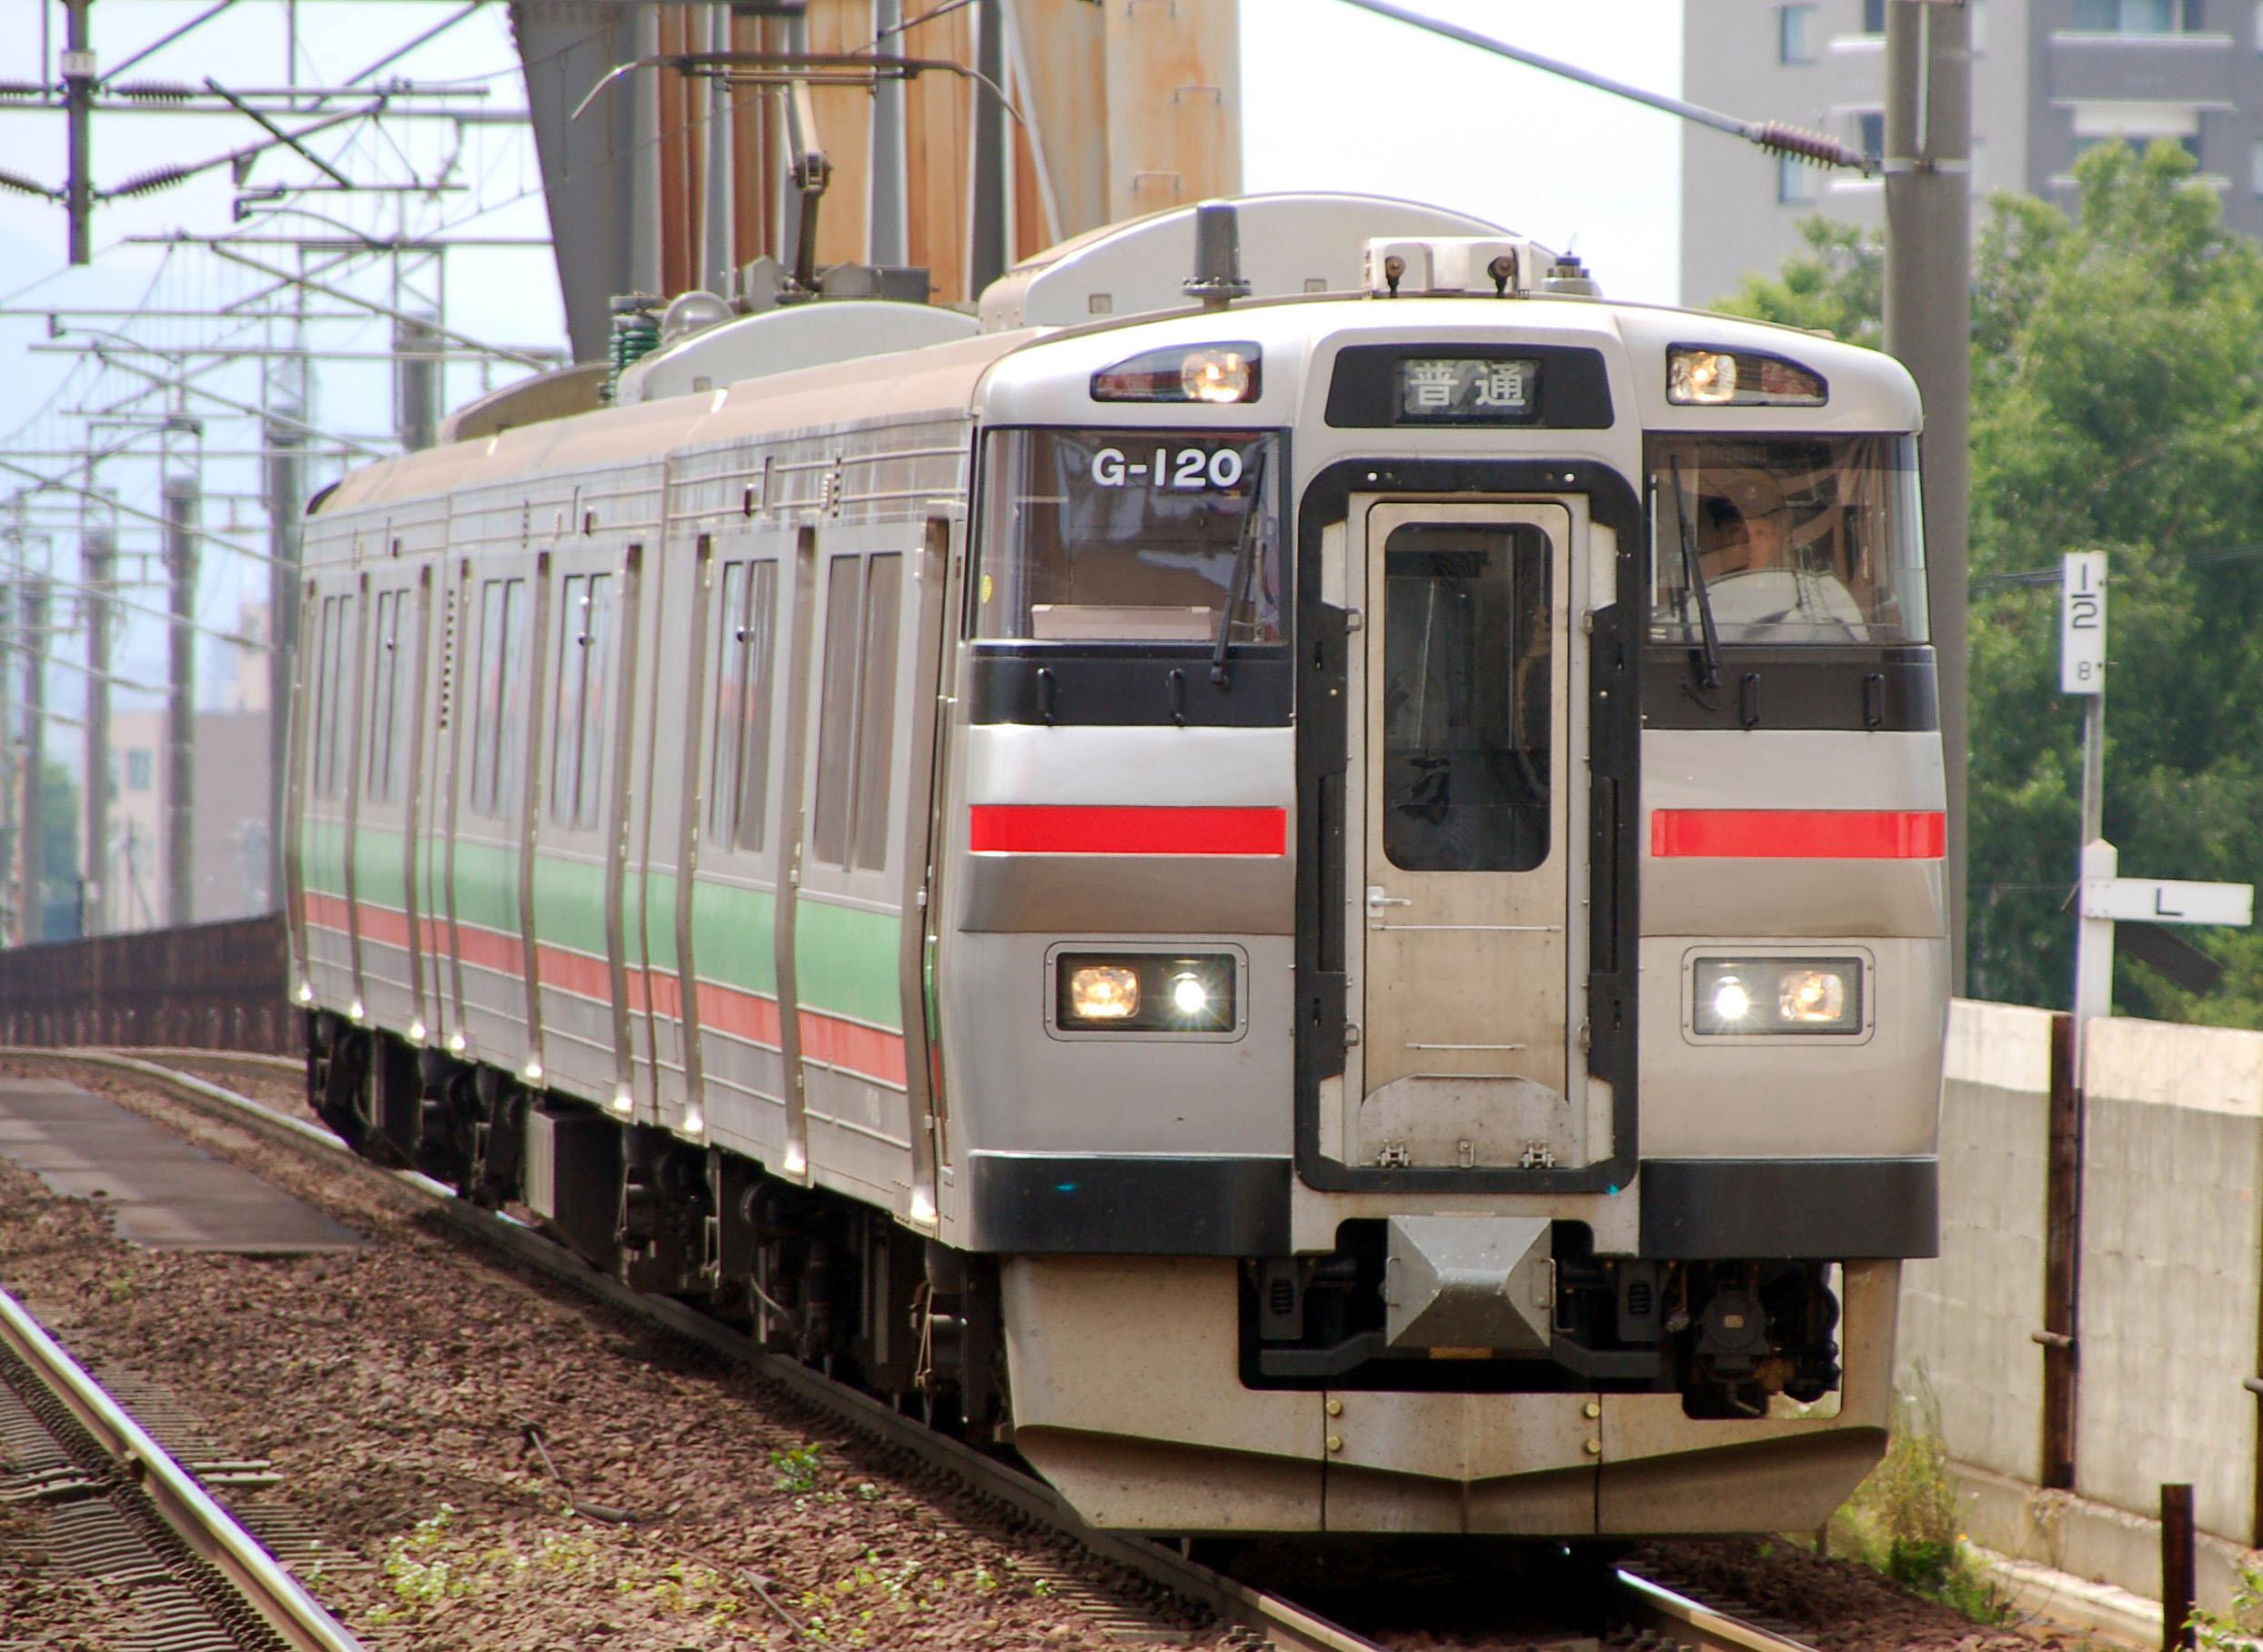 ニュース30over : JR北海道がもうすぐ経営破綻狀態に ...